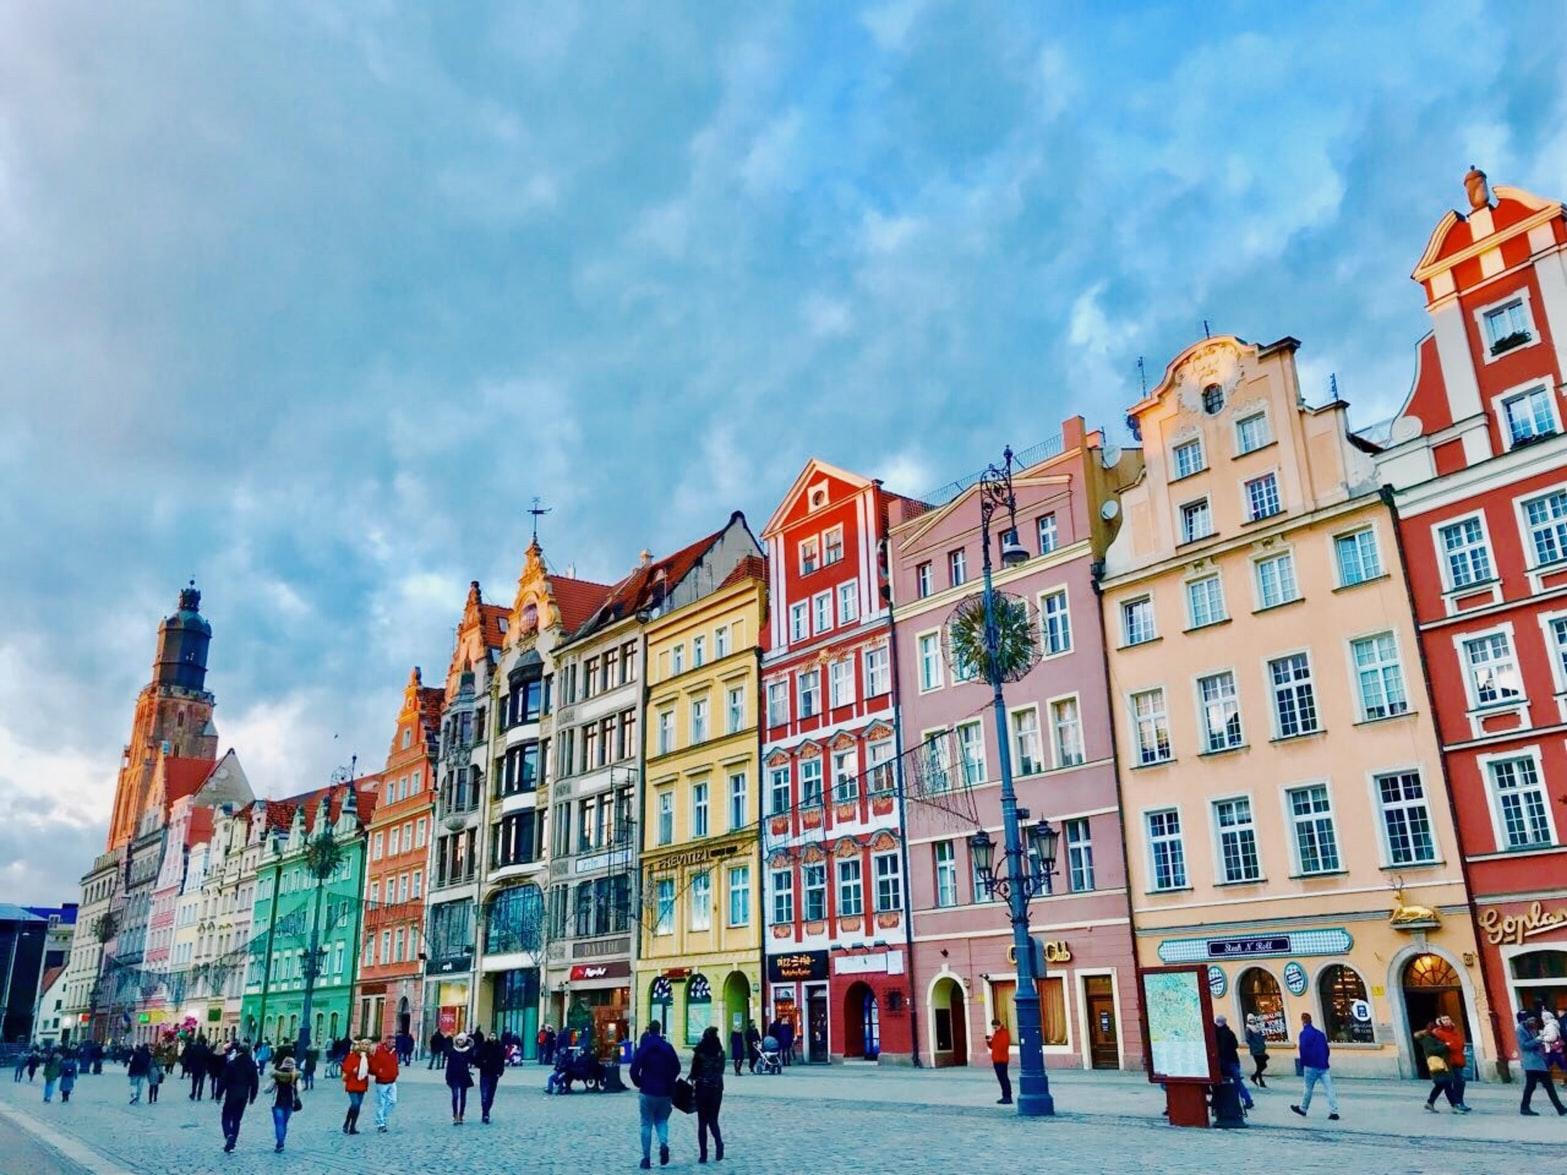 Häuserfassaden in Breslau